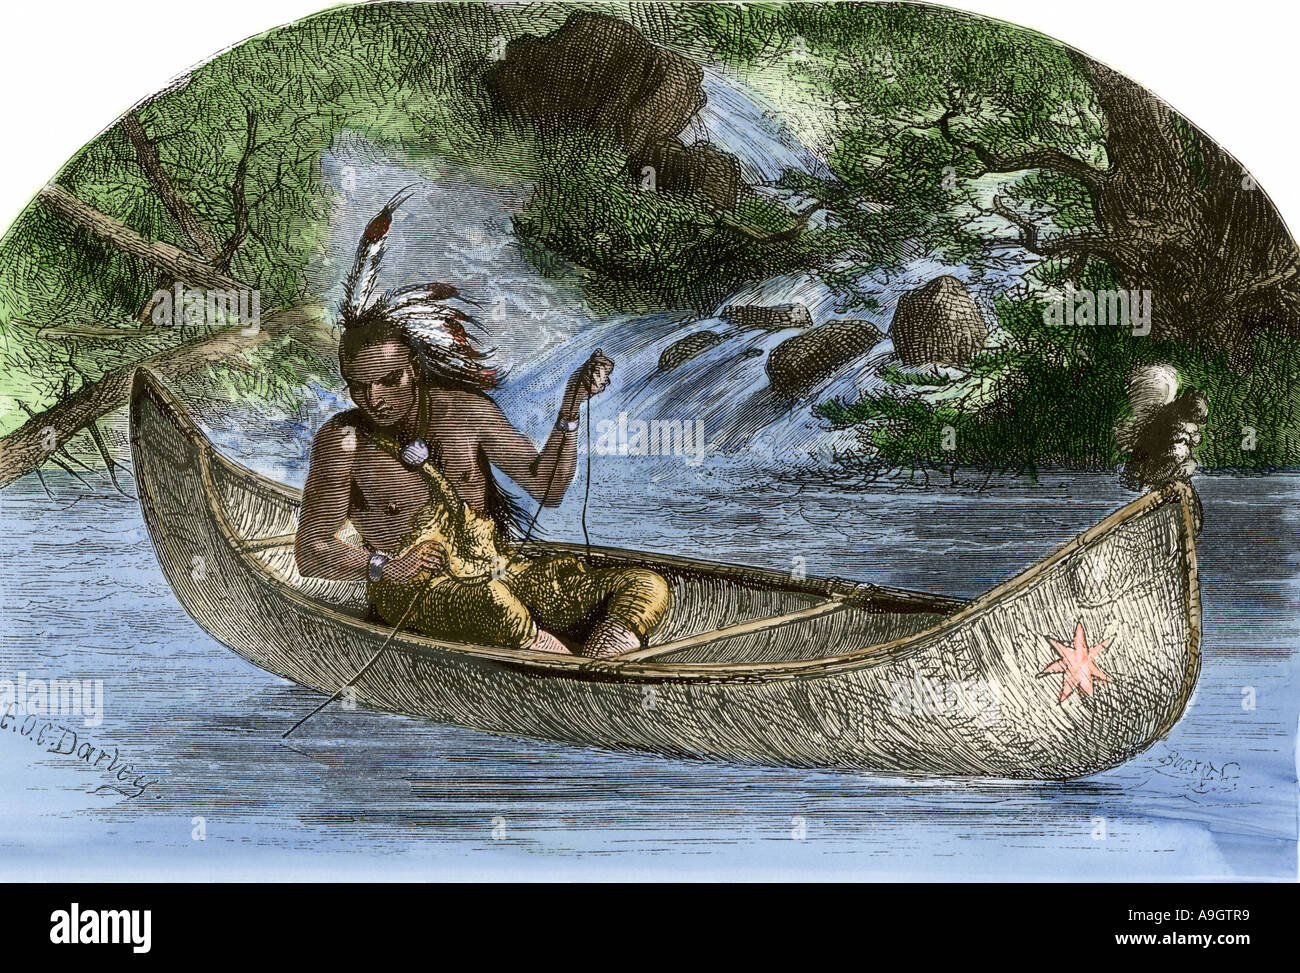 El legendario jefe indígena americano Hiawatha la pesca desde una canoa. Xilografía coloreada a mano Foto de stock